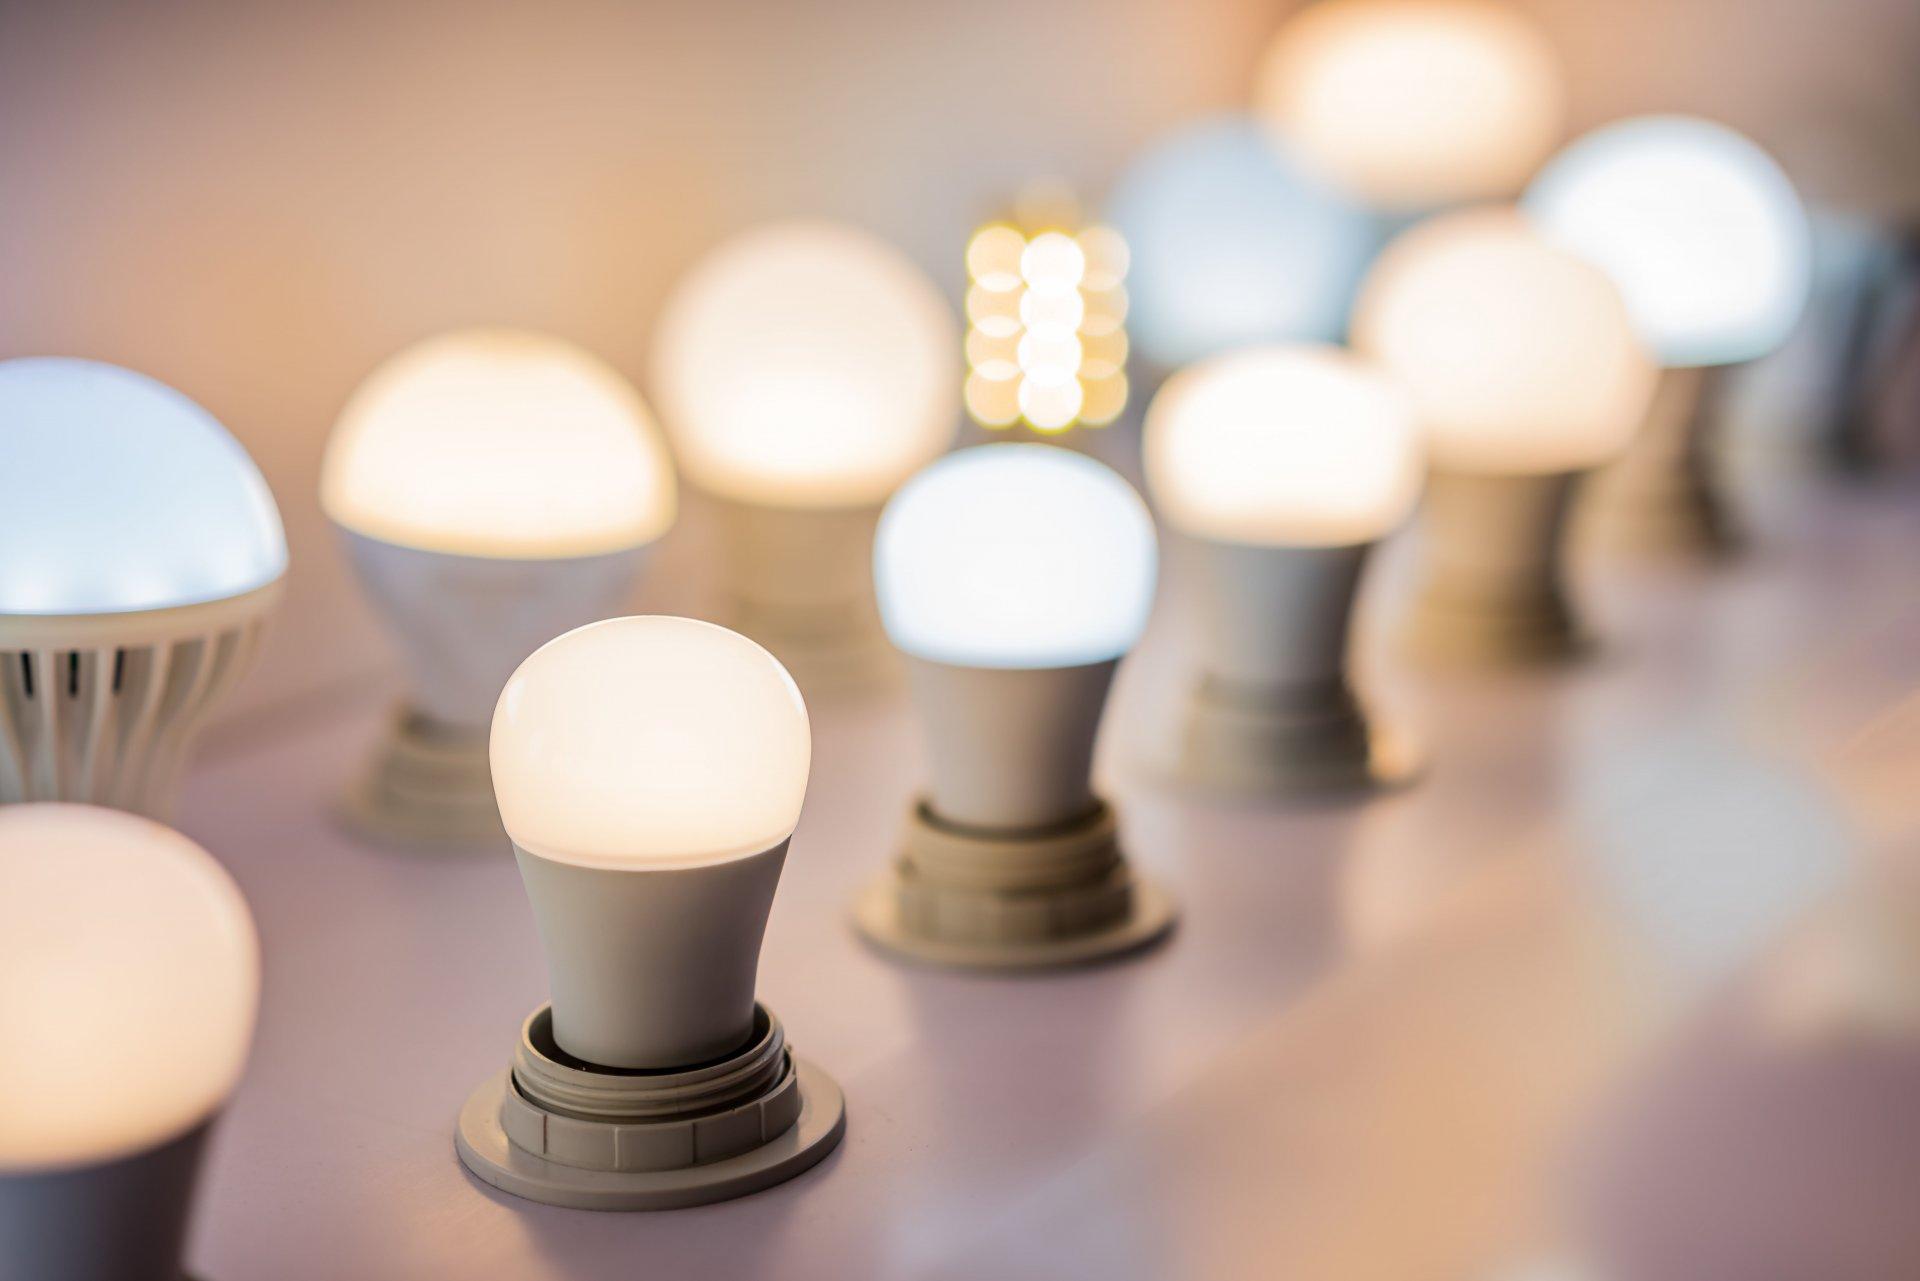 Suministros eléctricos industriales en Valencia especializados en iluminación led